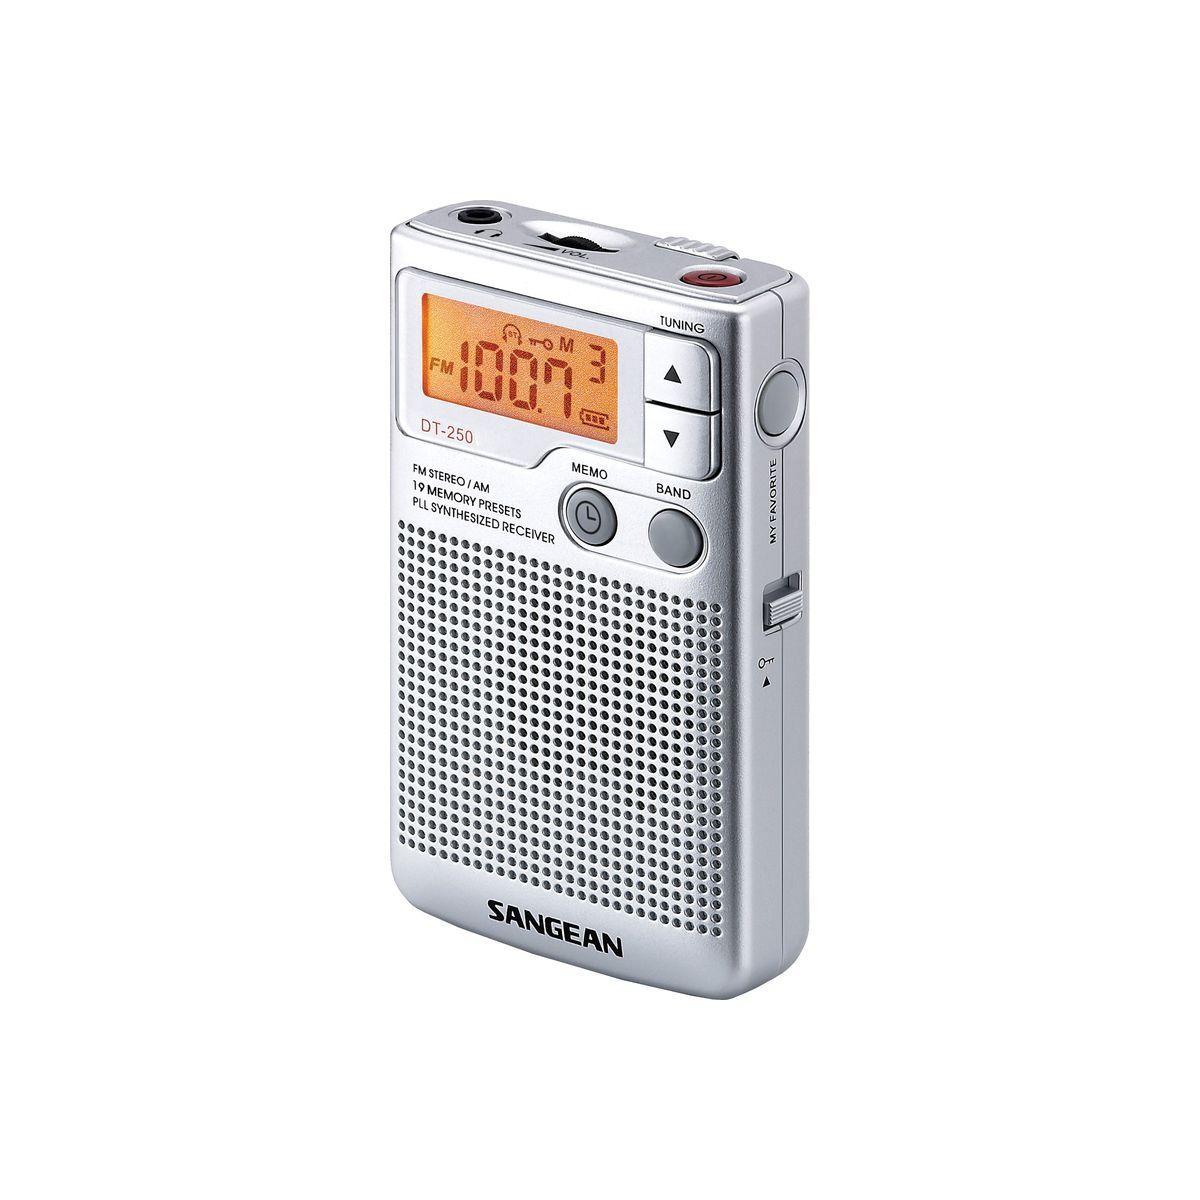 Radio numérique sangean dt-250 silver - 3% de remise immédiate avec le code : multi3